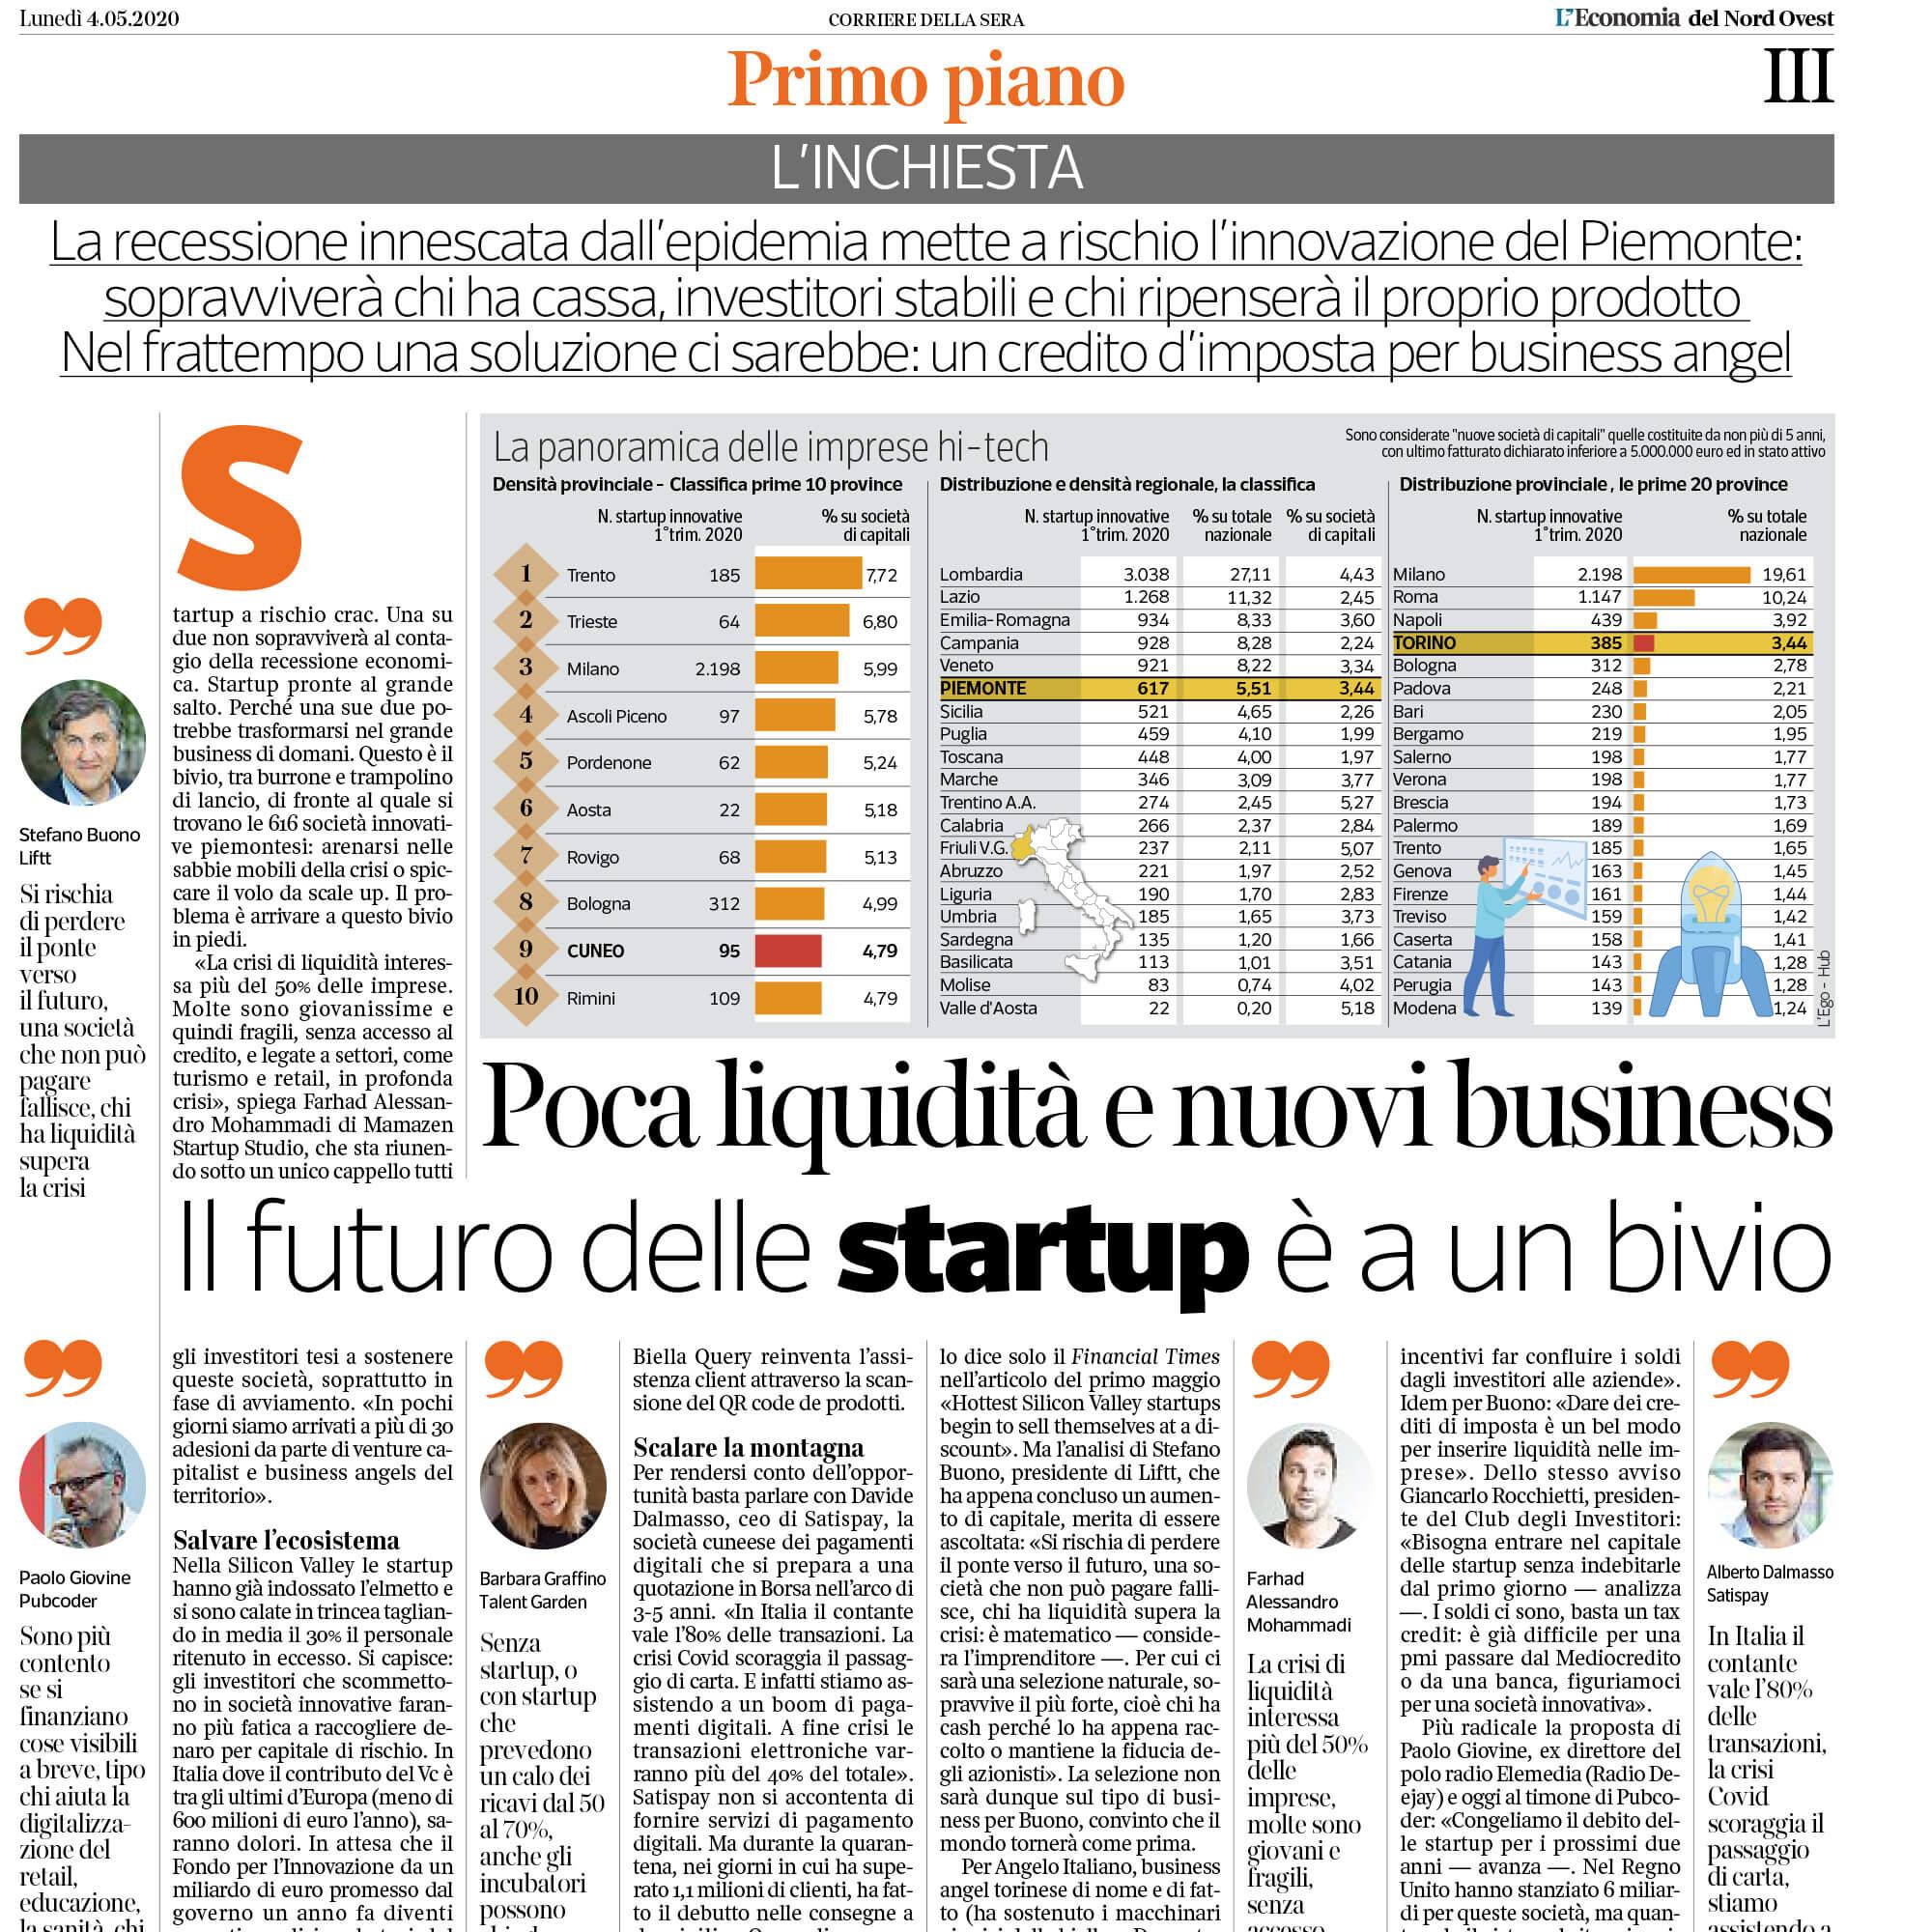 2020-05-04_LIFTT_Corriere_della_Sera